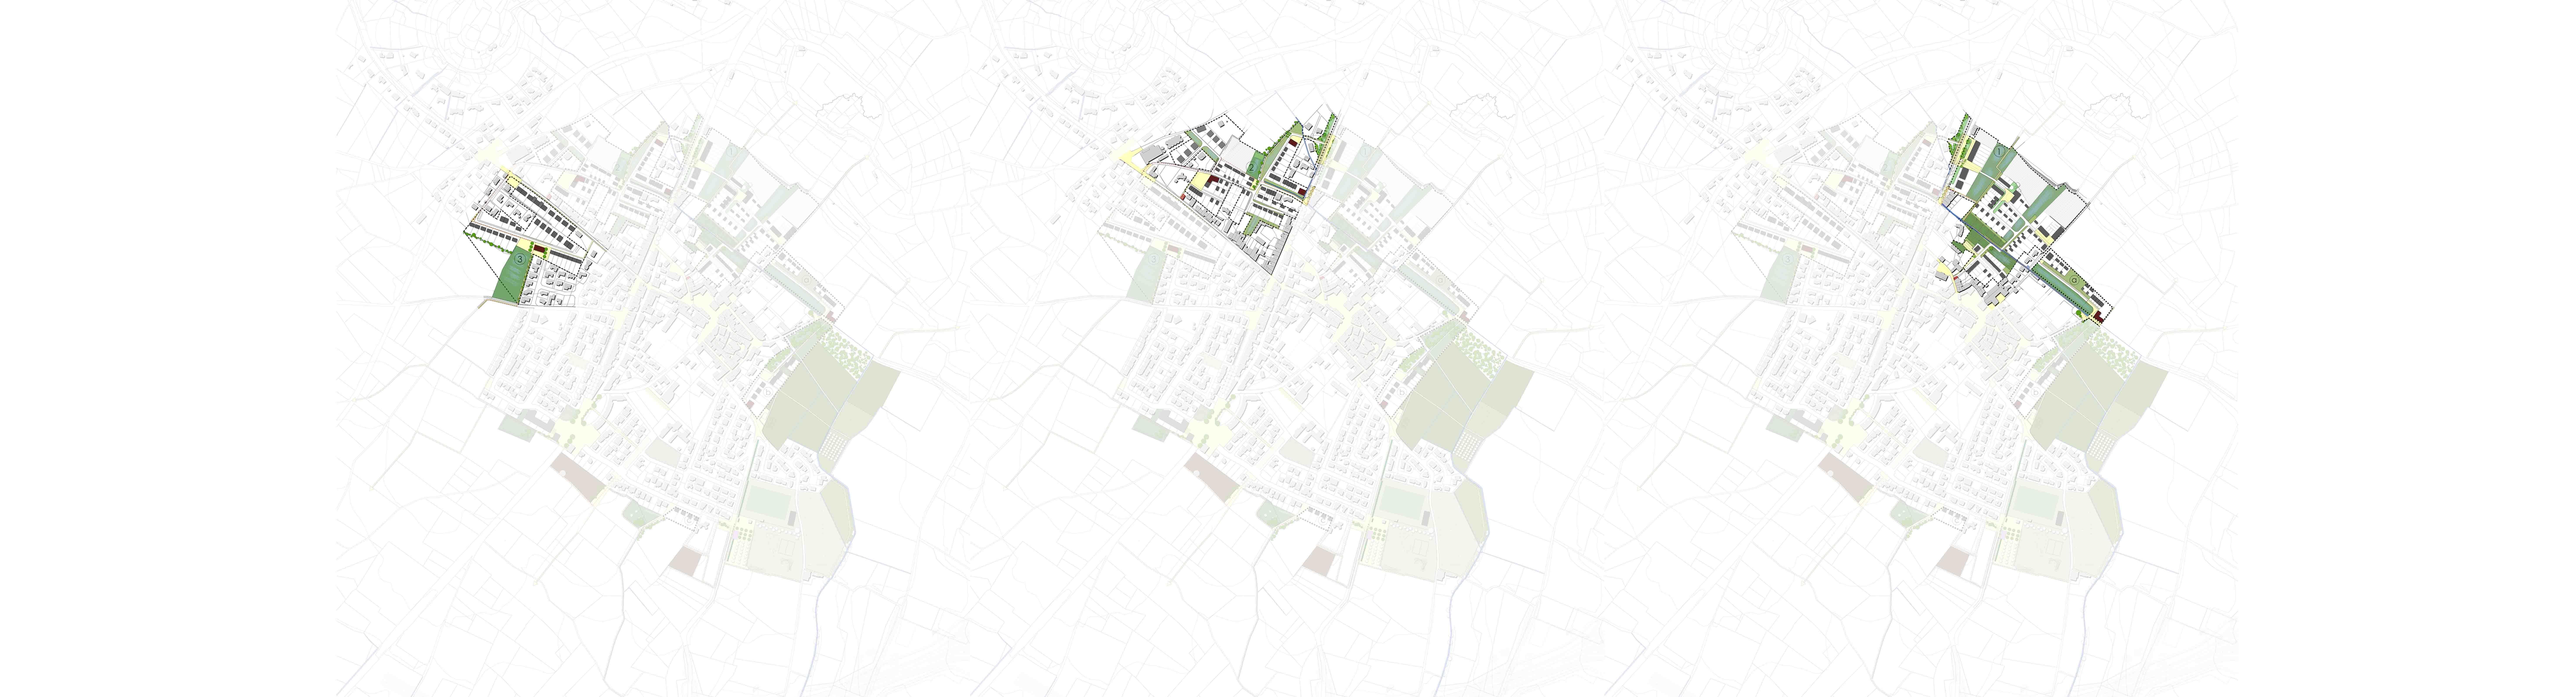 Décomposition Parc cultivé copie.jpg